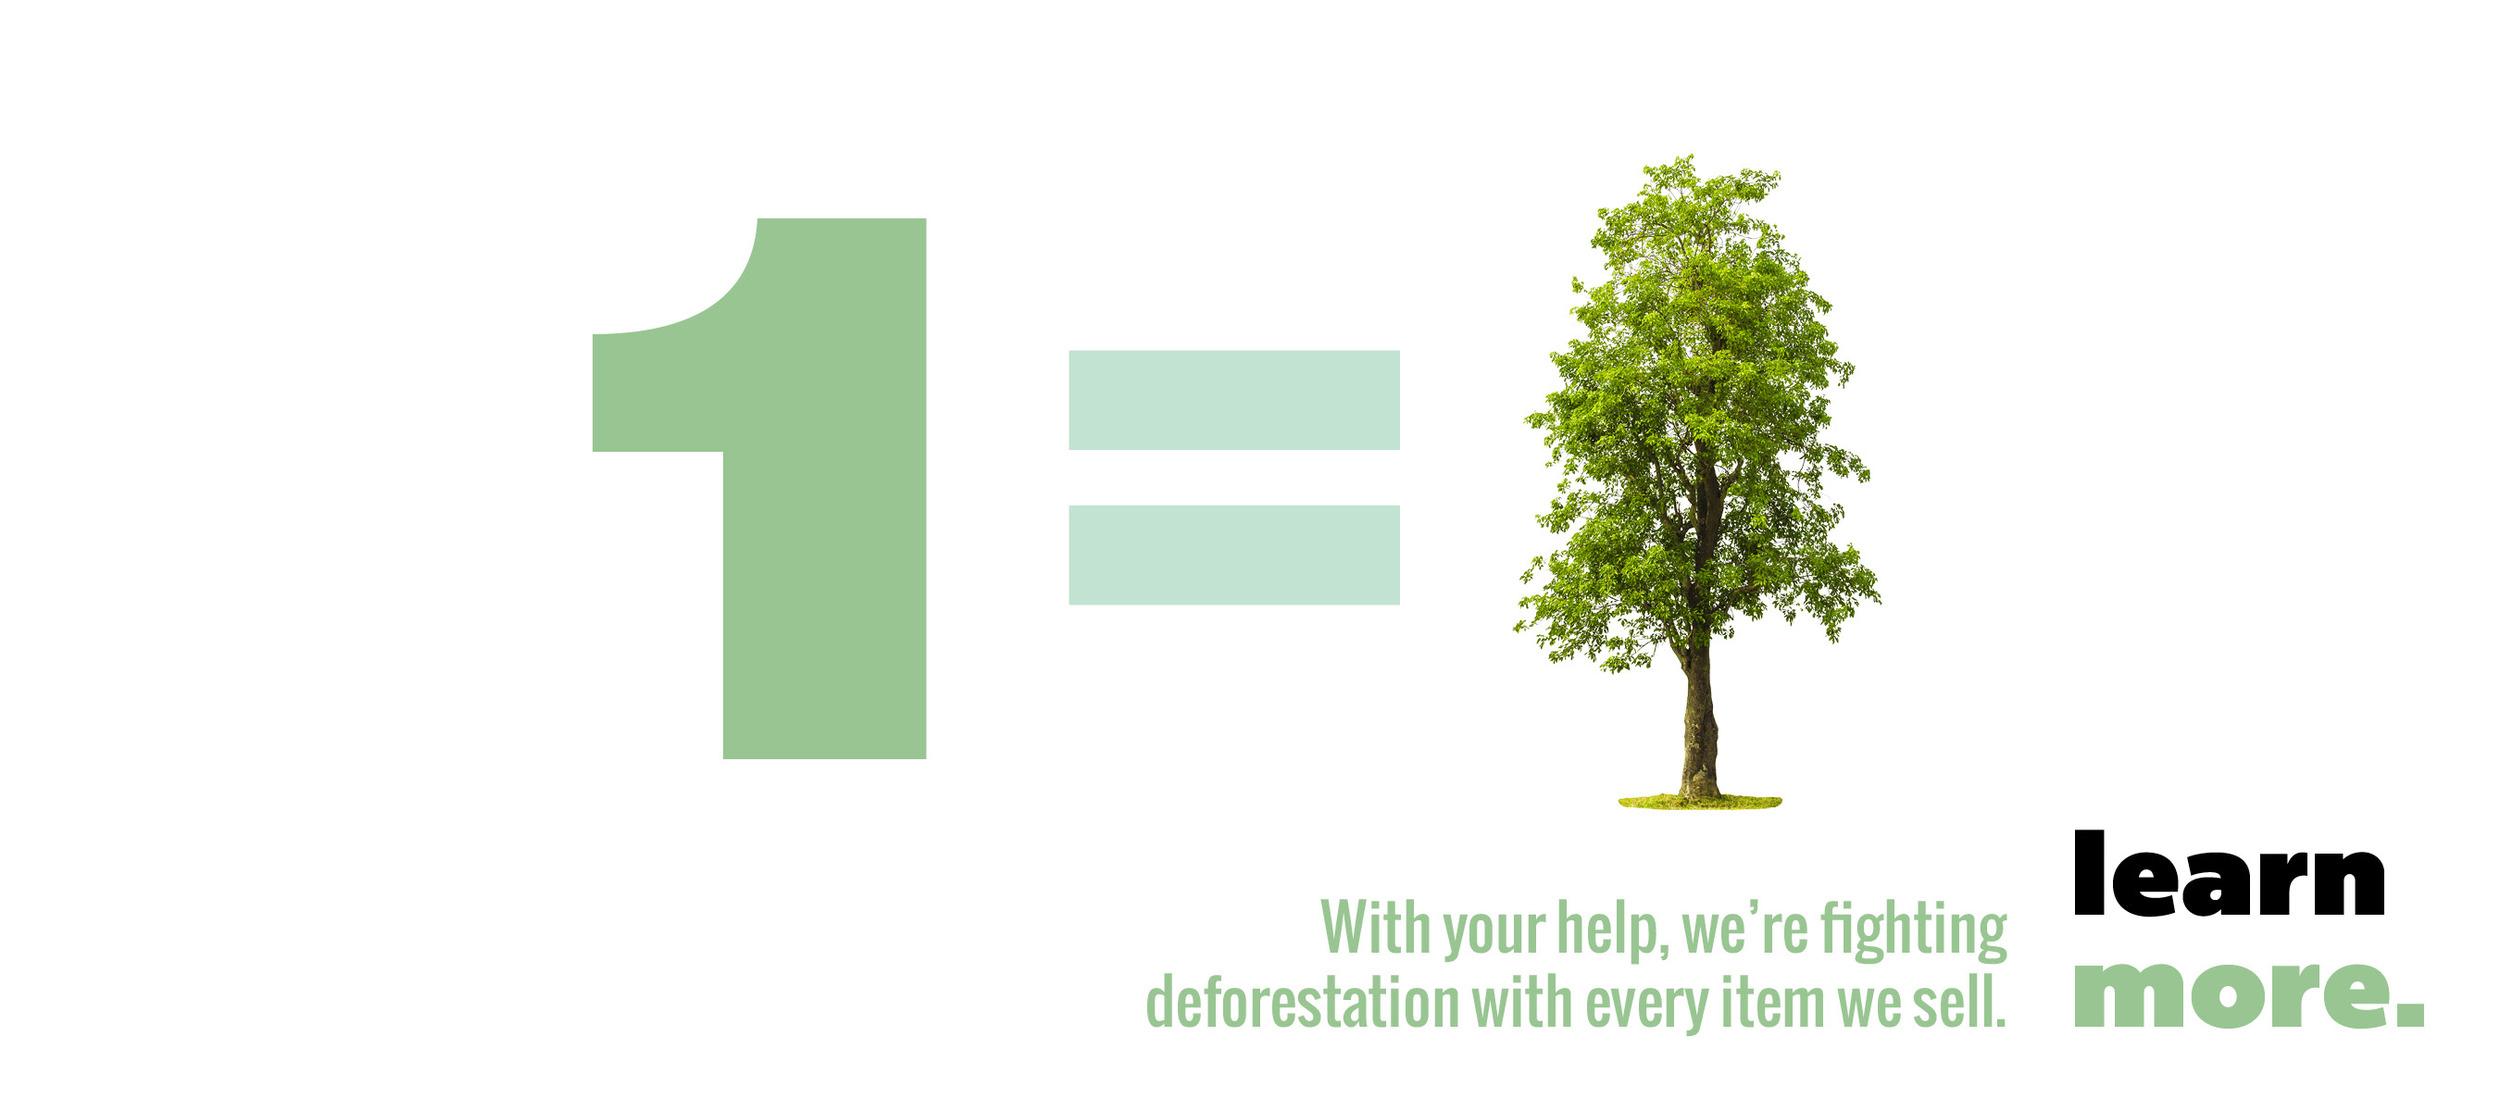 tree-save.jpg